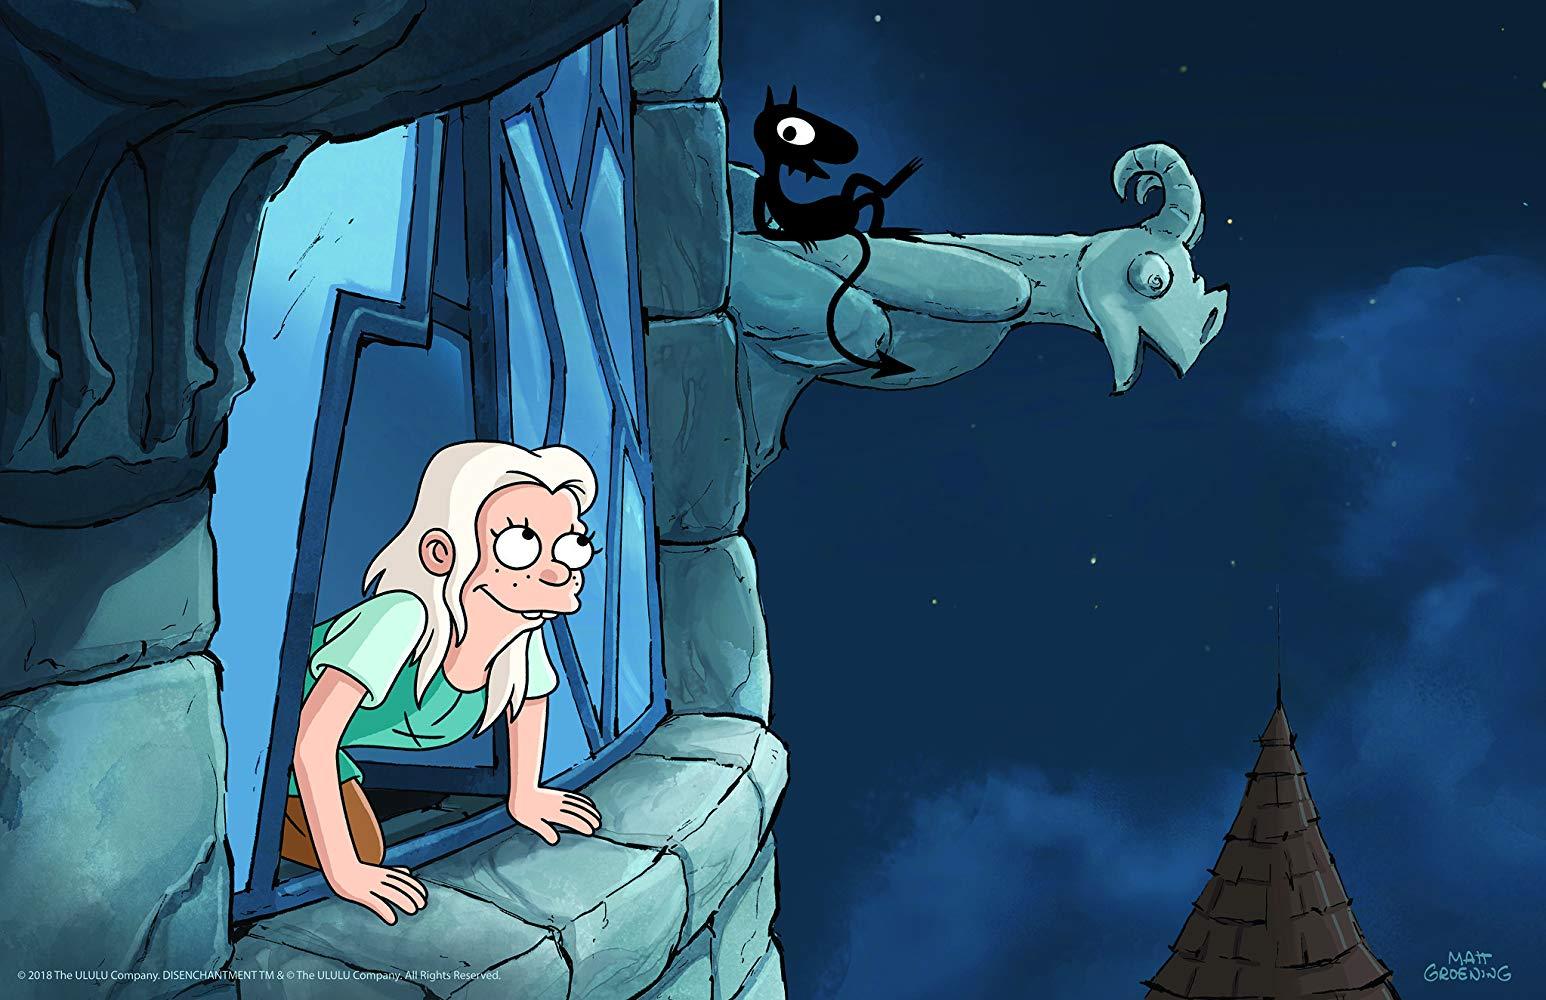 Après 30 saisons, c'est la fin pour The Simpsons selon Danny Elfman